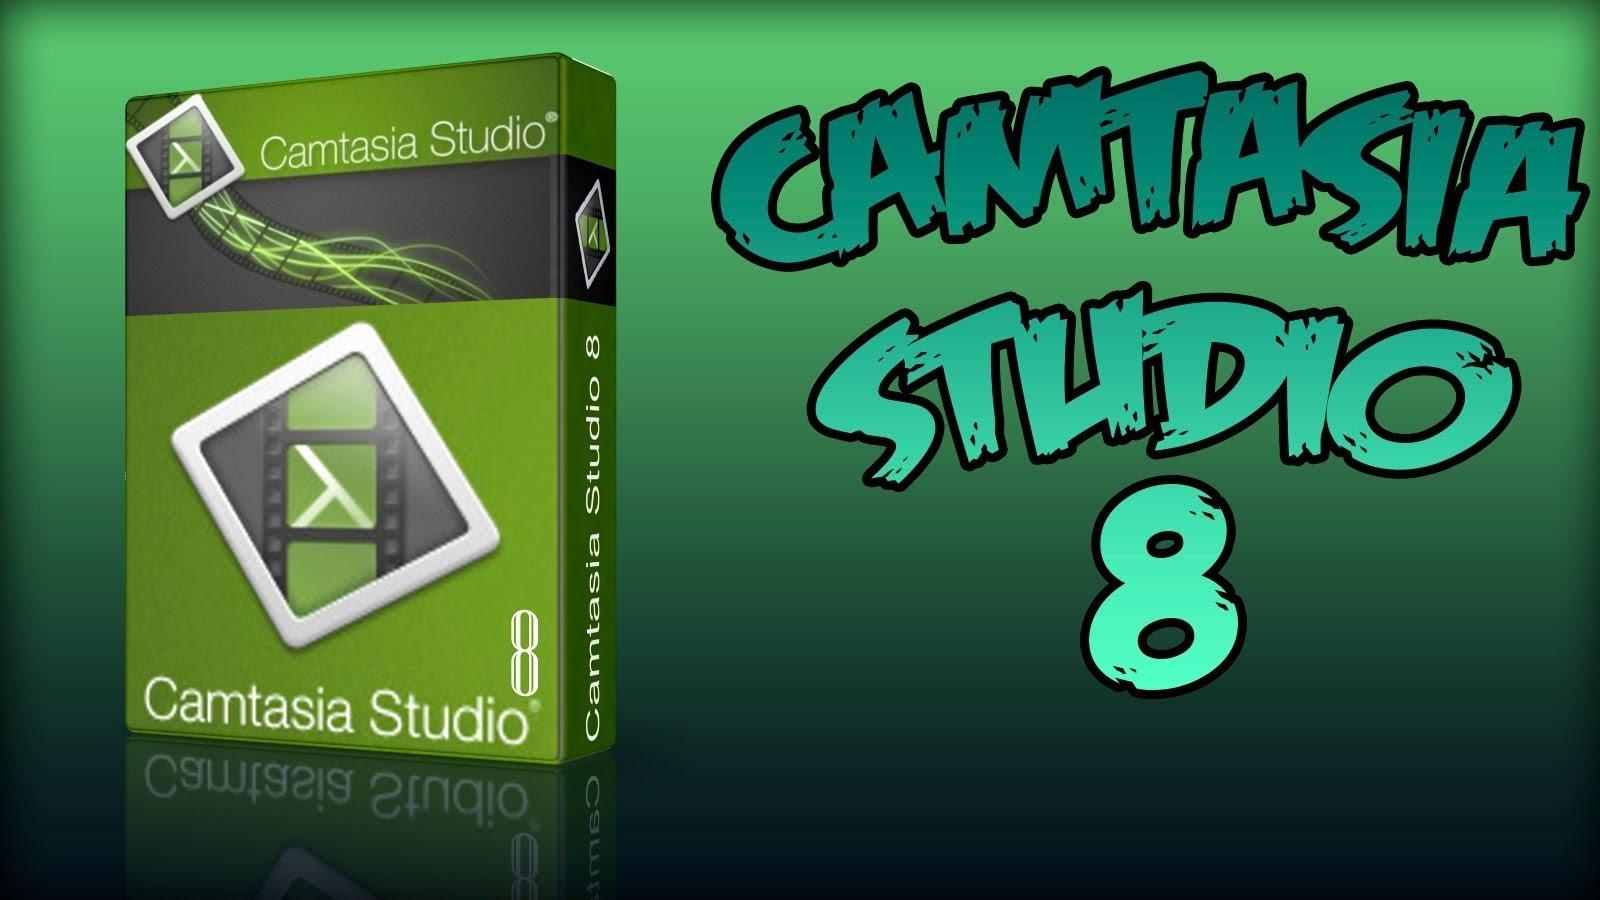 camtasia studio 8 mega crack